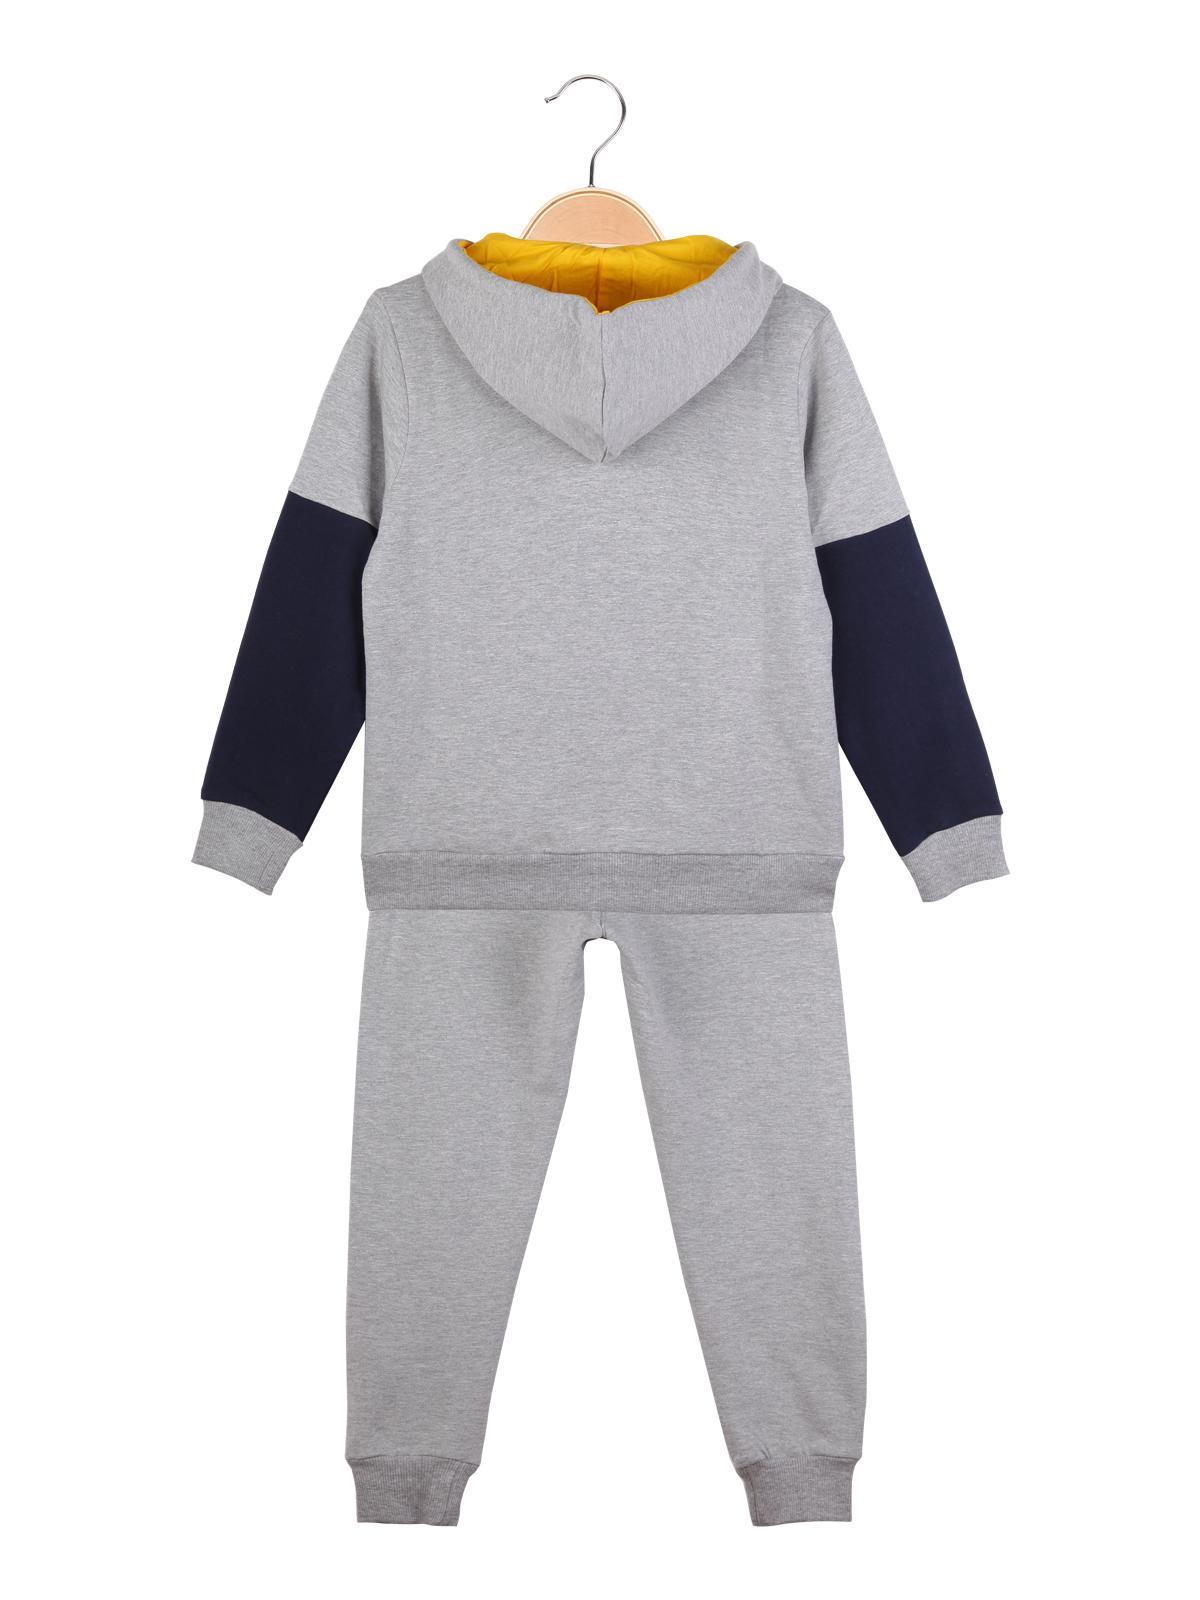 wholesale dealer 36e50 5d84c Completo sportivo felpa con cappuccio + pantaloni guru ...